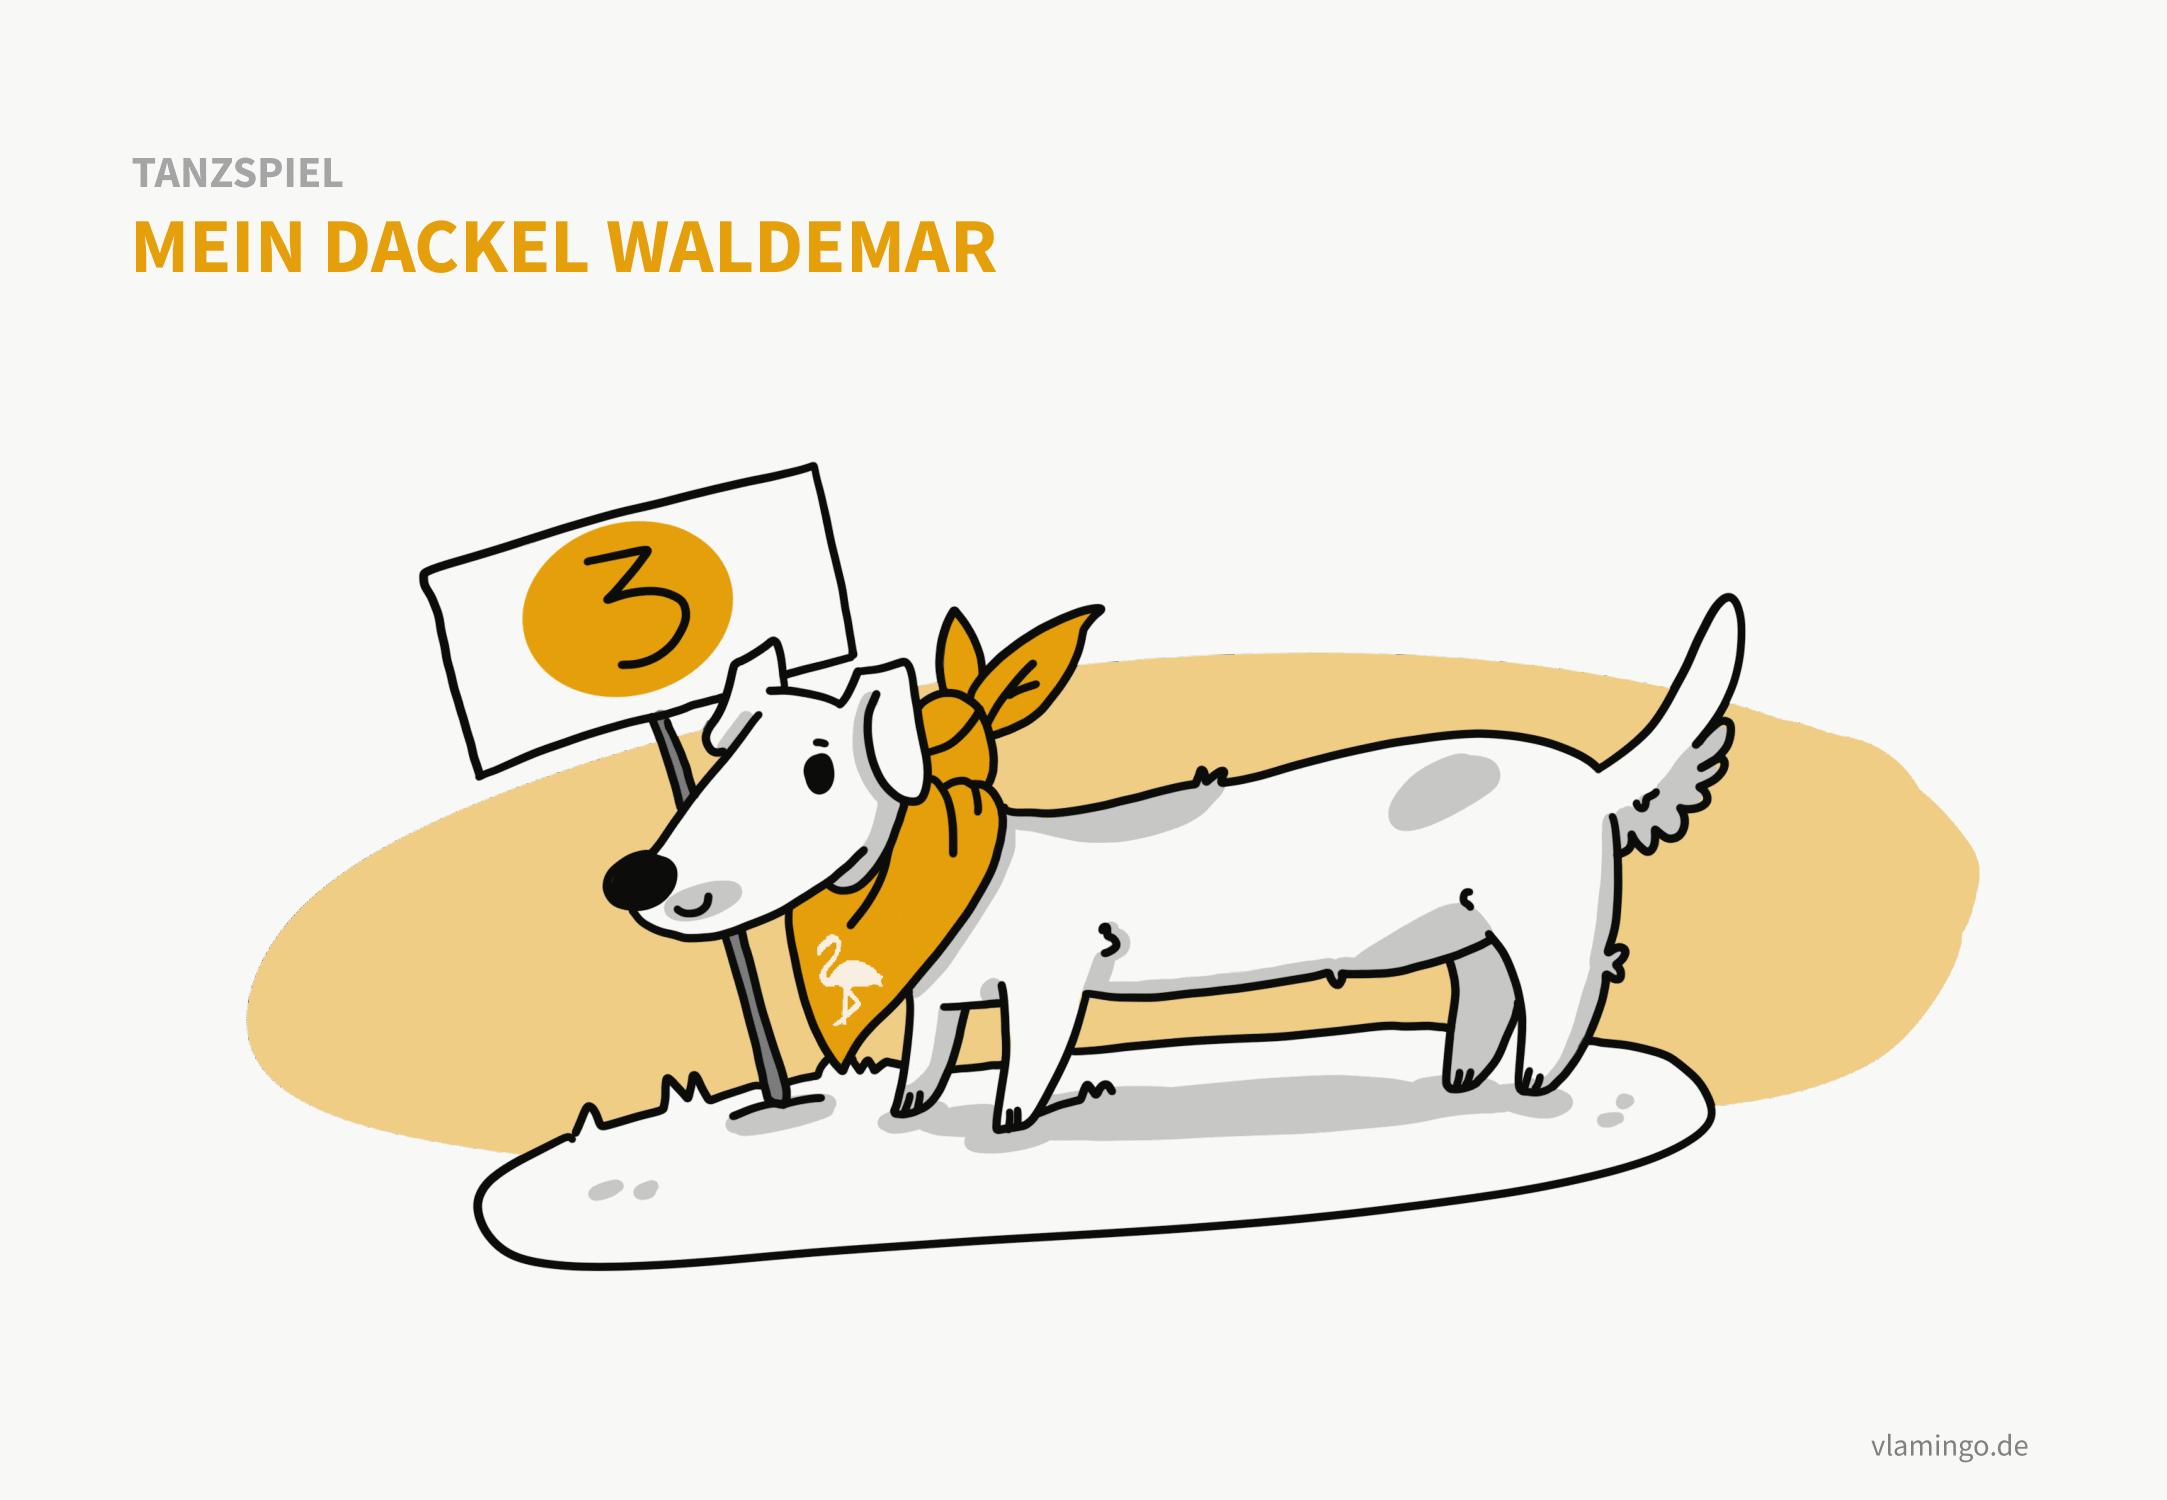 Tanzspiel - Mein Dackel Waldemar